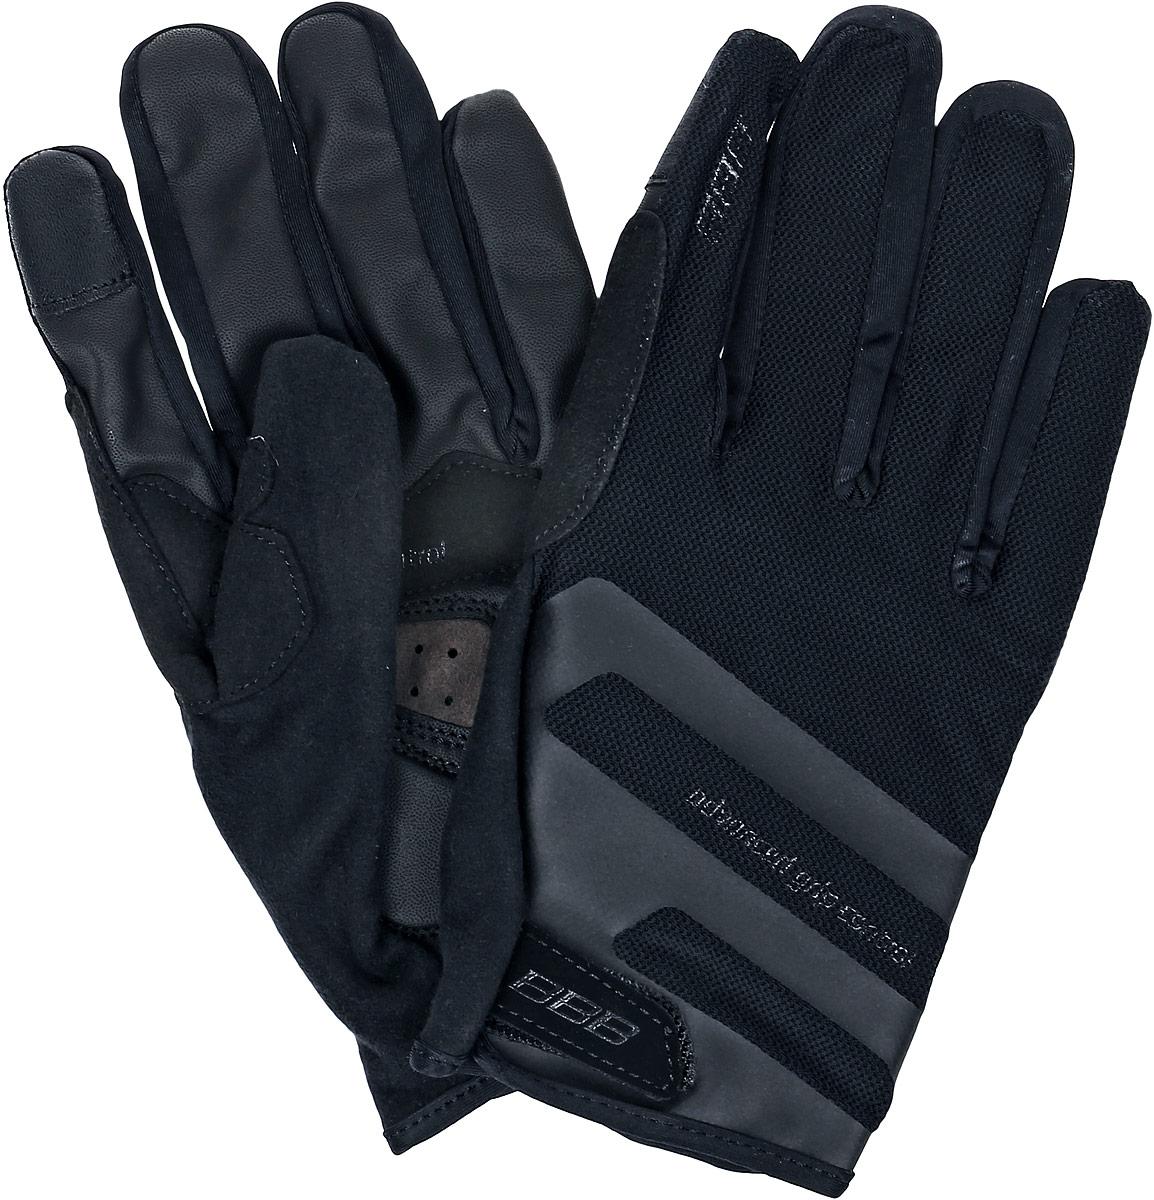 Перчатки велосипедные BBB AirZone, цвет: черный. Размер M1888Когда трейлы накаляются от зноя, перчатки Airzone - ваш лучший выбор. Эти перчатки с длинными пальцами снабжены тыльной стороной из сетчатого материала и вентилируемой ладонью с полиуретановыми вставками для крепкого хвата. Гелевые вставки предупреждают усталость и защищают при падениях. Большой и указательный пальцы дополнительно защищены материалом Clarino.Сетчатая структура верхней части обеспечивает хорошую вентиляцию. Такие перчатки идеальны при эксплуатации в условиях высоких температур. Тыльная сторона из сетчатого материала Airmesh. Перфорированная ладонь с вставками из полиуретана для надёжного хвата.Манжета анатомического кроя дополнена застёжкой-липучкой. Состав: 28% полиамид, 24% полиуретан, 21% полиэстер, 15% эластан, 12% полиэтилен.